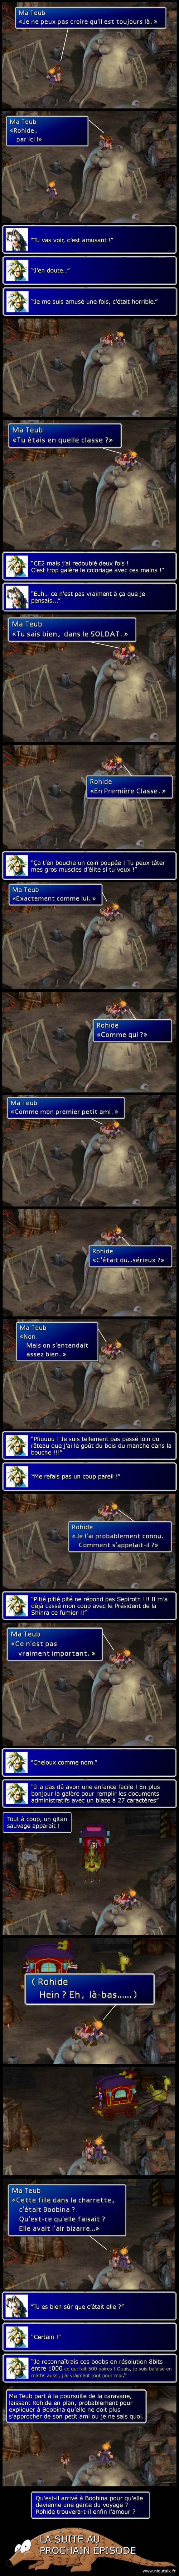 Final fantasy 7 : Tête à tête entre Cloud et Aeris sur un toboggan moche. Cloud passe à deux doigts de se manger un vilain râteau. On découvre que Tifa/Boobina est devenue gente du voyage.